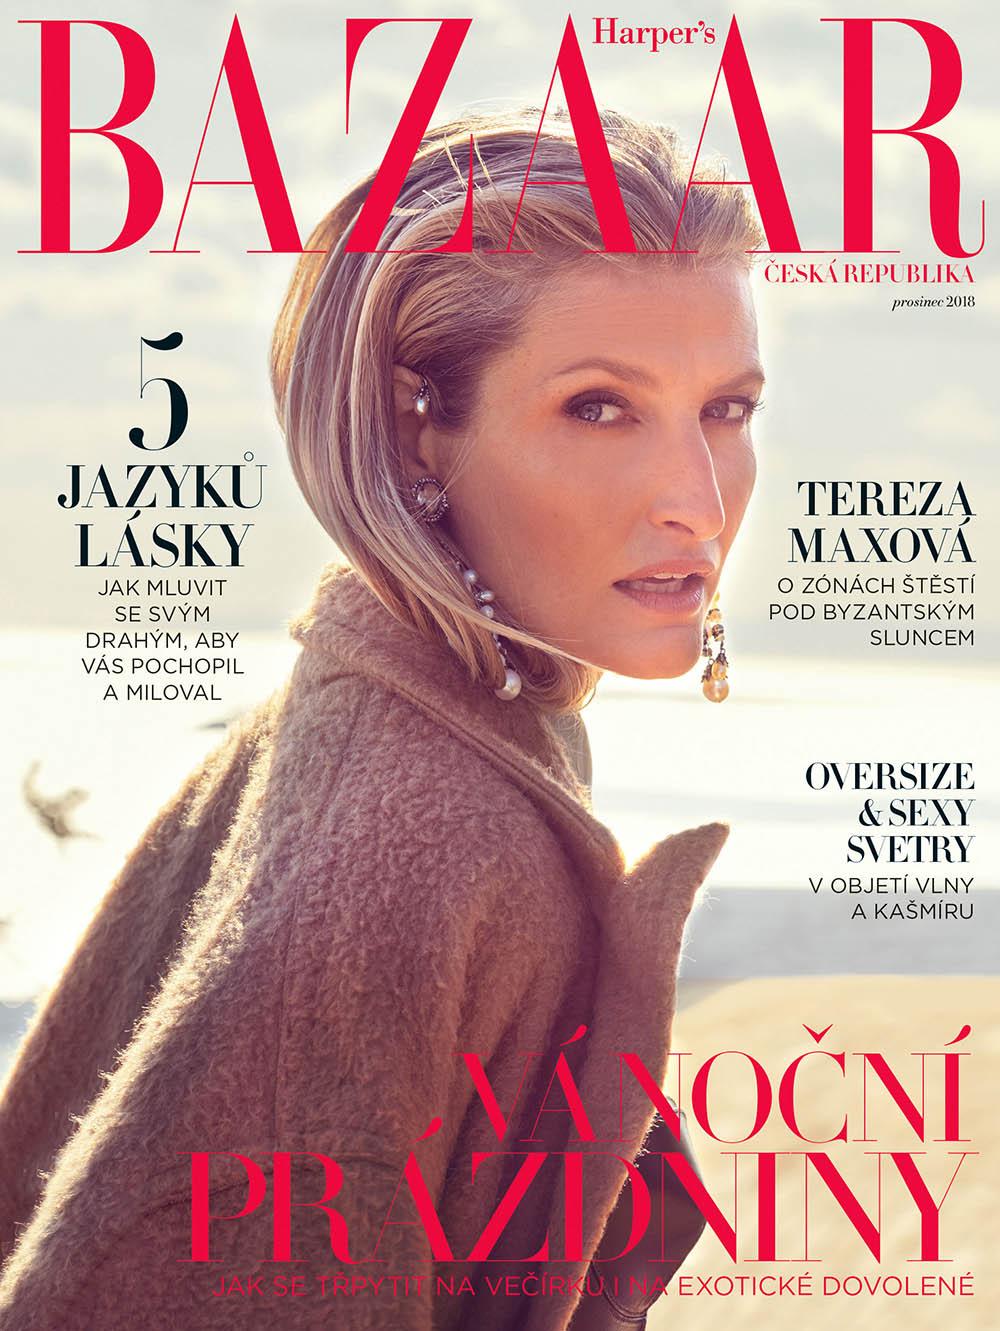 Tereza Maxova covers Harper's Bazaar Czech December 2018 by Andreas Ortner